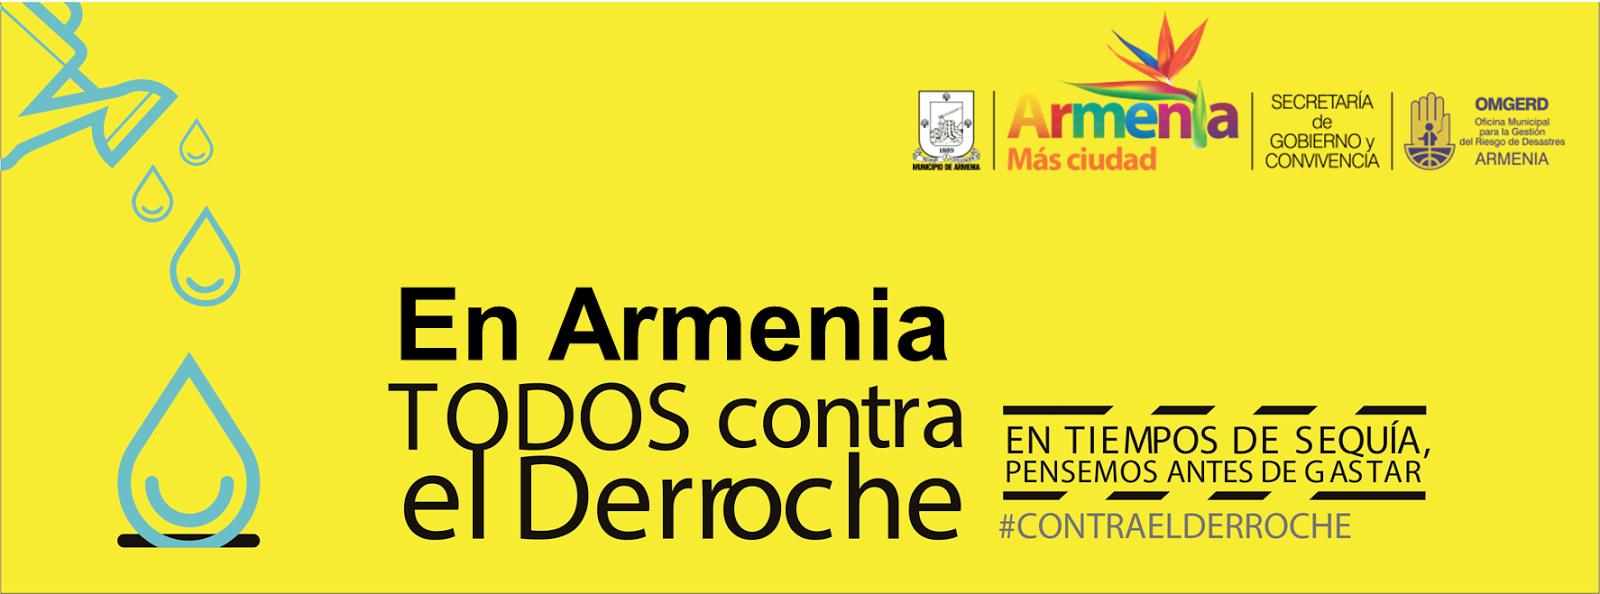 Armenia Contra el Derroche